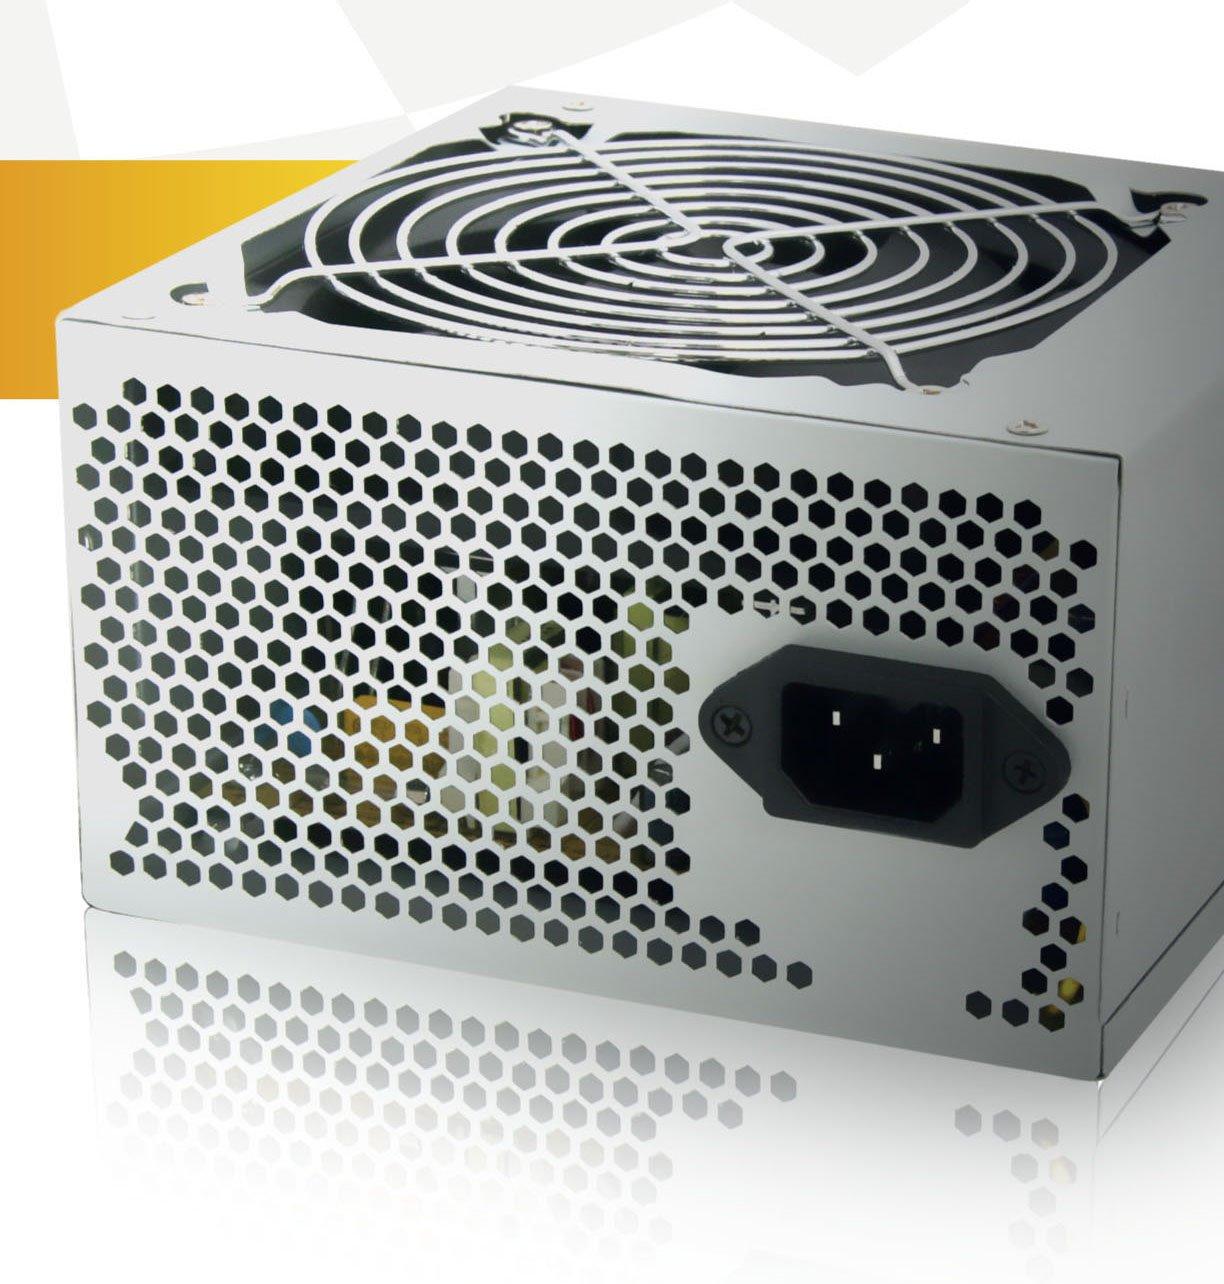 Aywun 700W Retail 120MM Fan Atx Psu 2 Years Warranty. Easy To Install